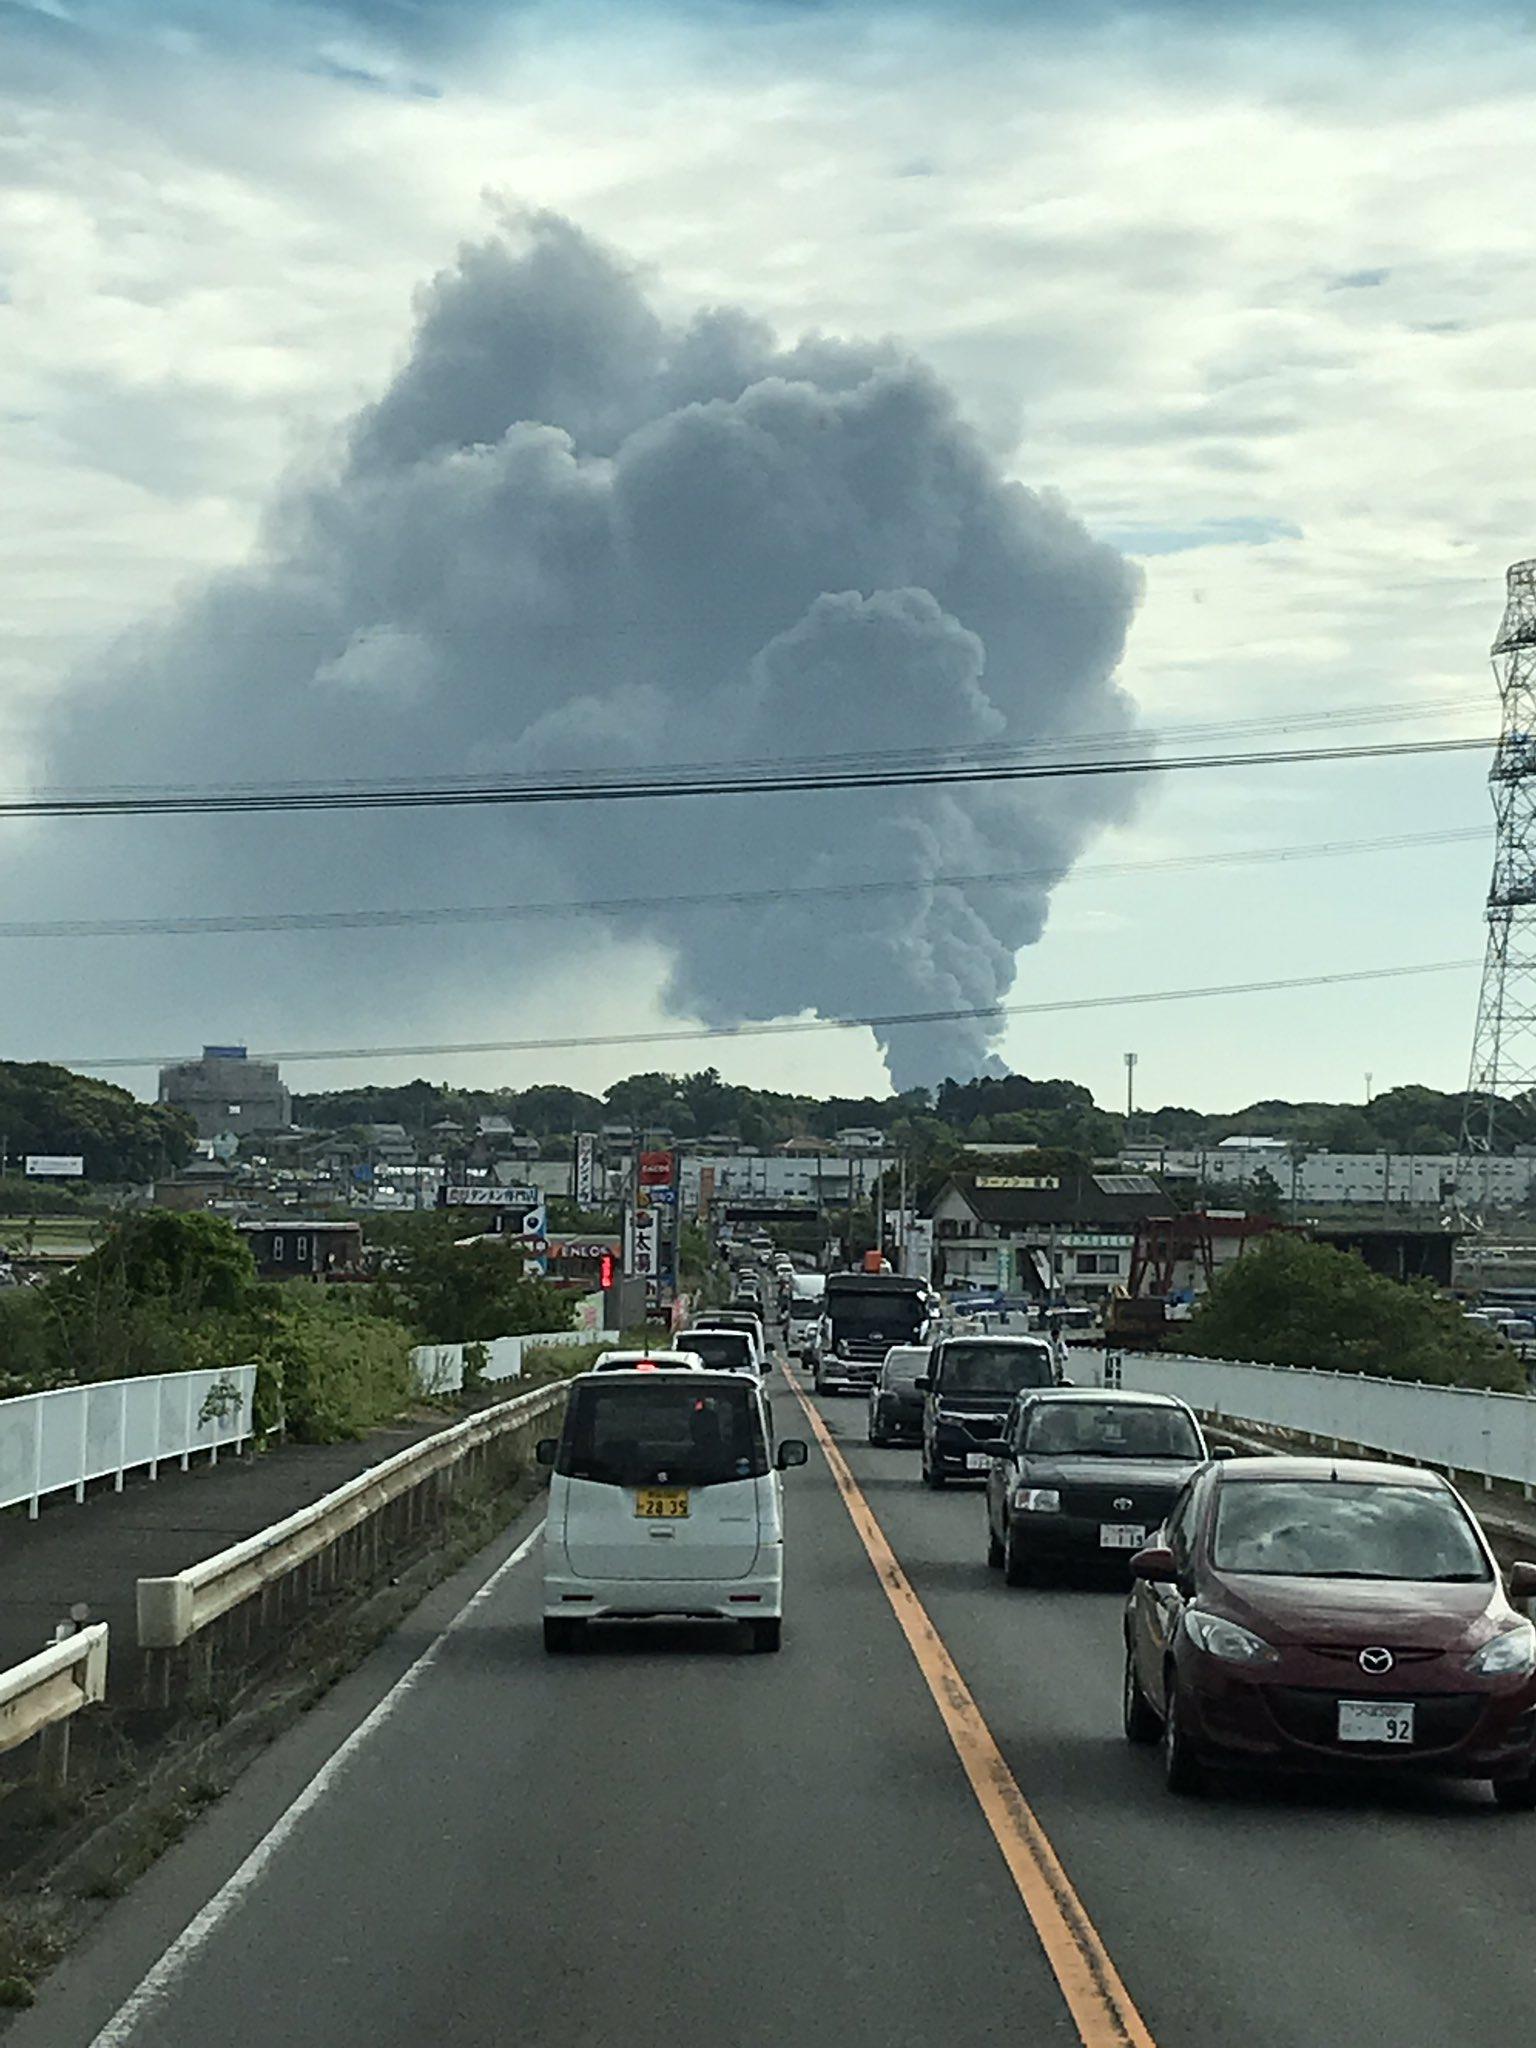 常総市坂手町の廃材置き場で大規模火災の現場画像